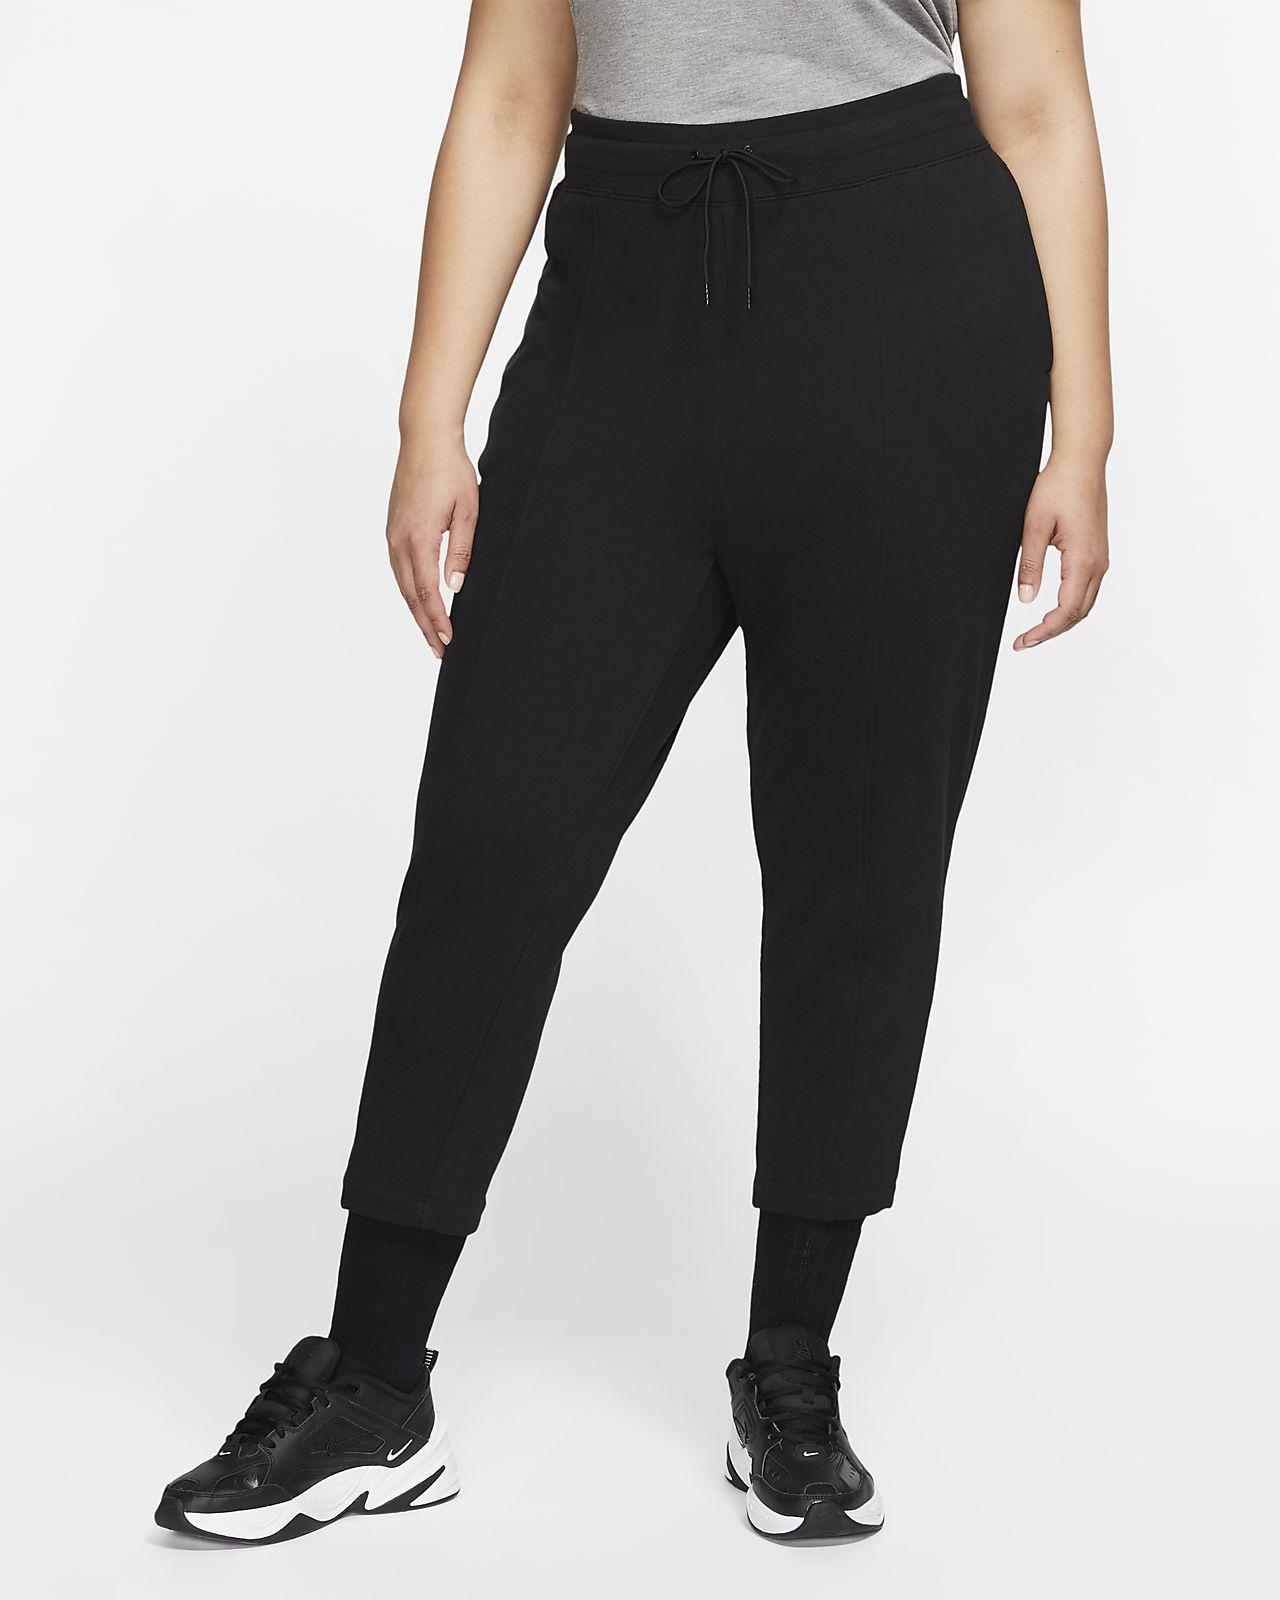 Nike Sportswear Swoosh Fransız Havlu Kumaşı Kadın Eşofman Altı (Büyük Beden)